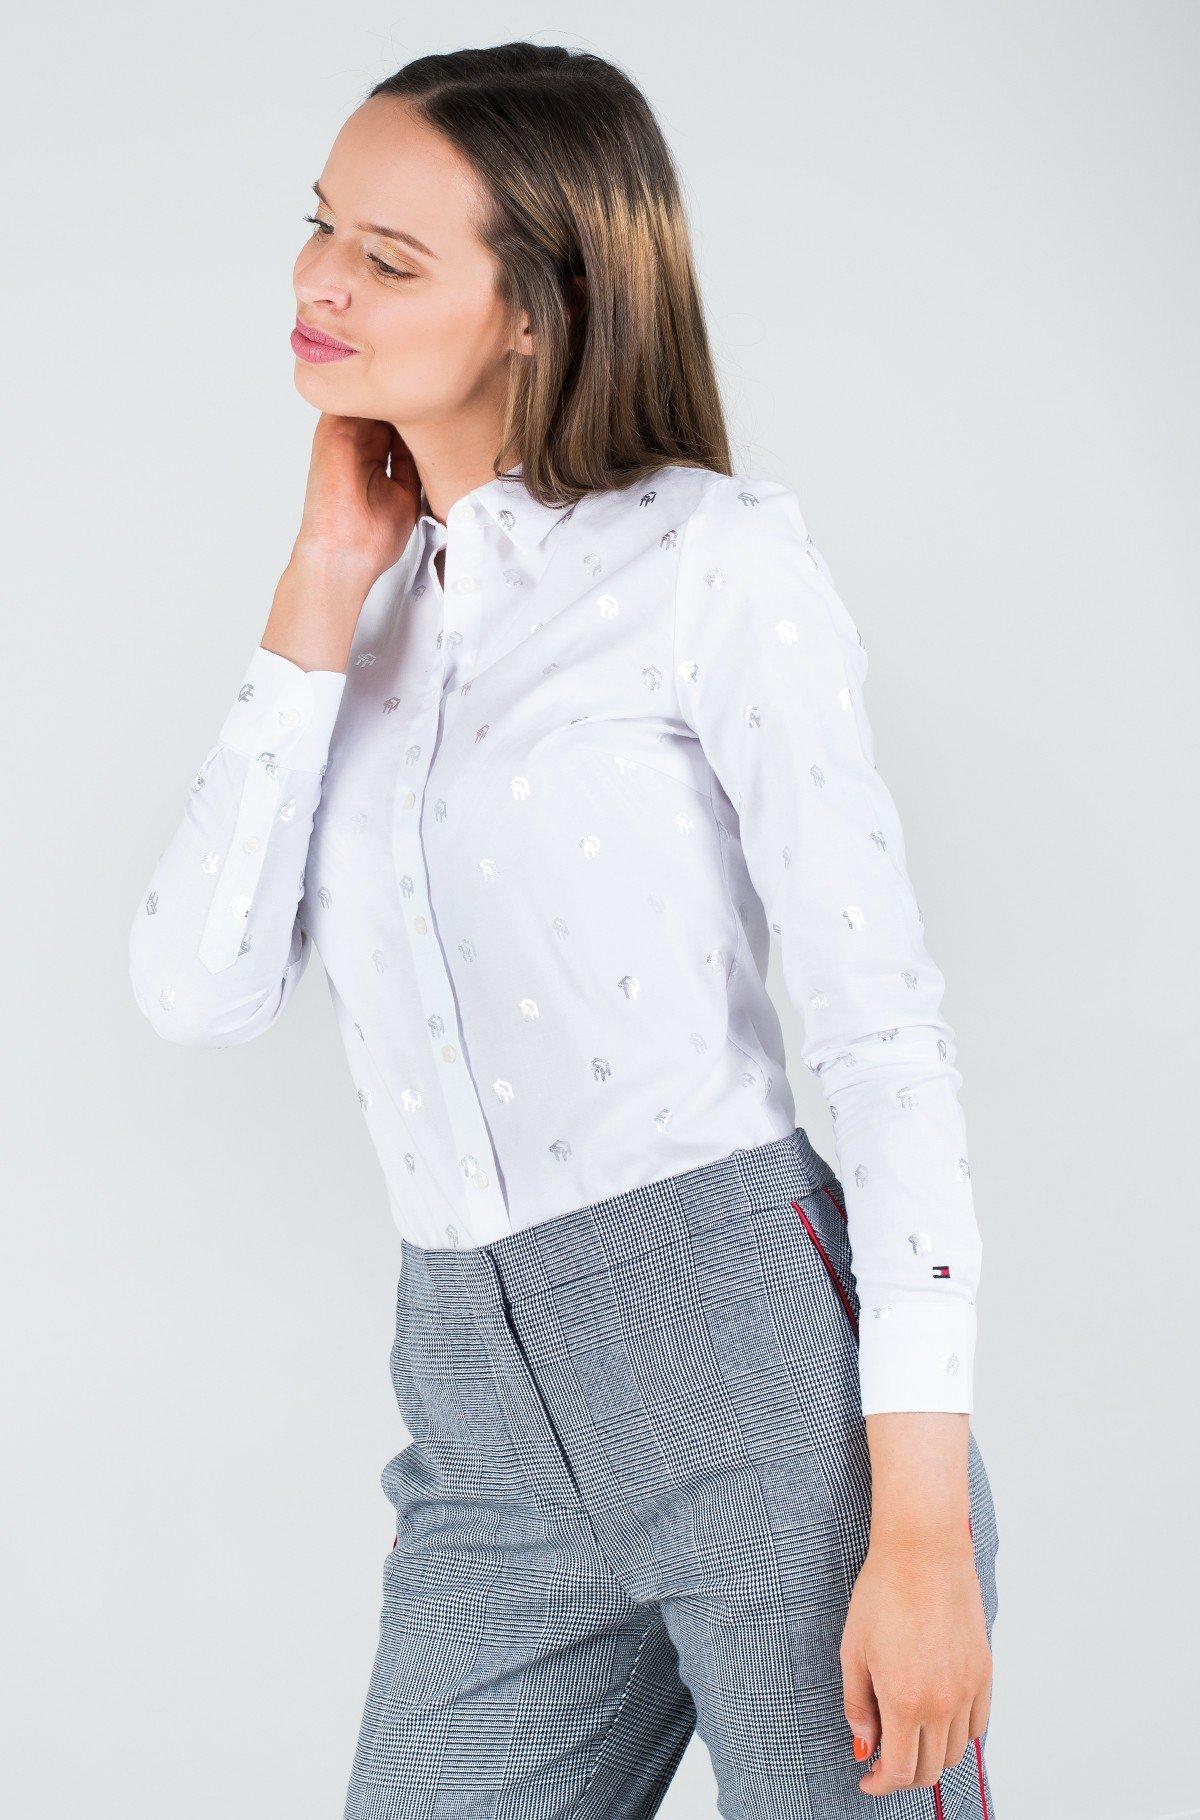 Marškiniai DAWN SHIRT LS W2-full-1